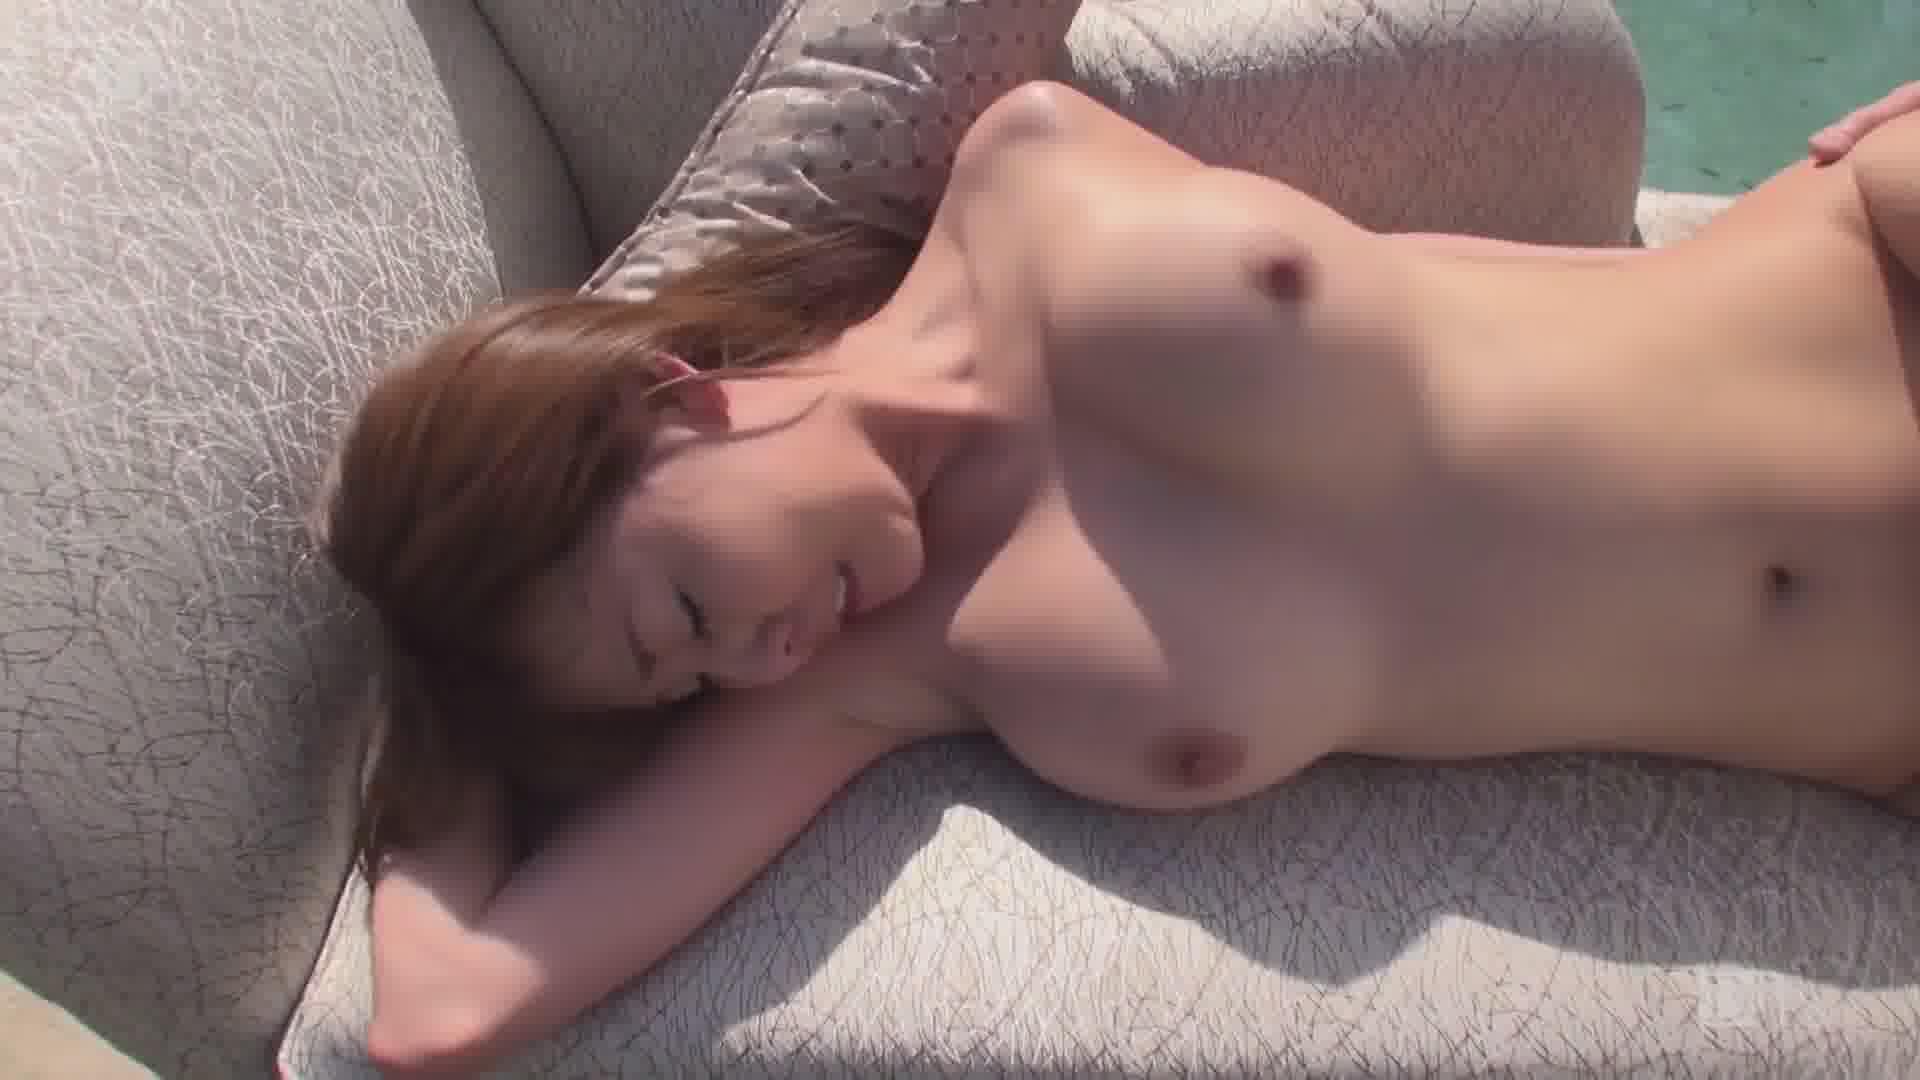 早抜き 朝桐光BEST - 朝桐光【痴女・ハード系・乱交】